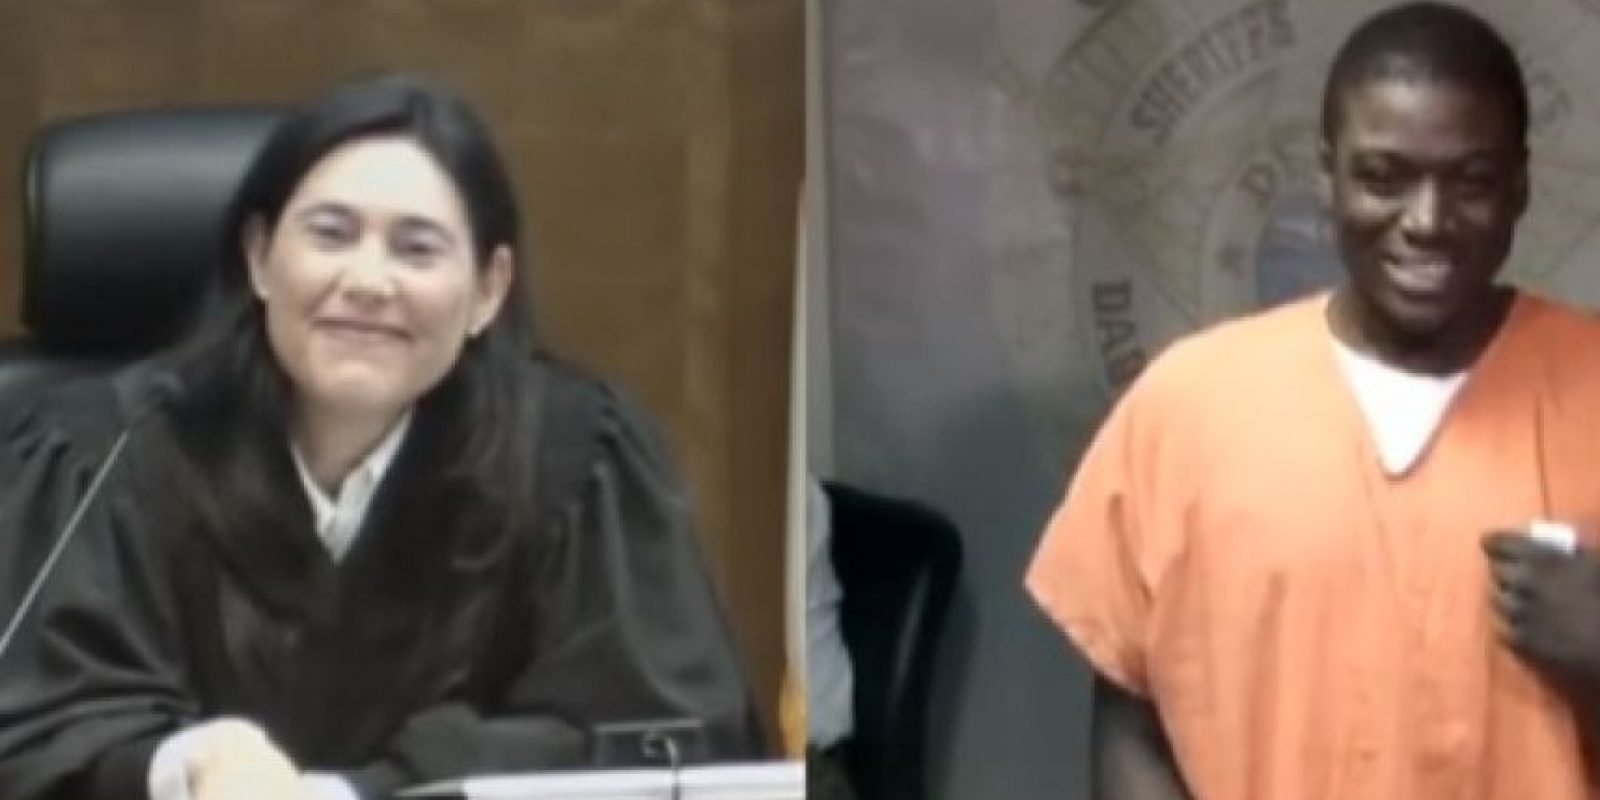 """La jueza Mindy Glazer respondió: """"Estaba sentada en la parte de arriba. Fue divertido ¿verdad?"""", para después dictarle sentencia. Foto:YouTube – Archivo"""